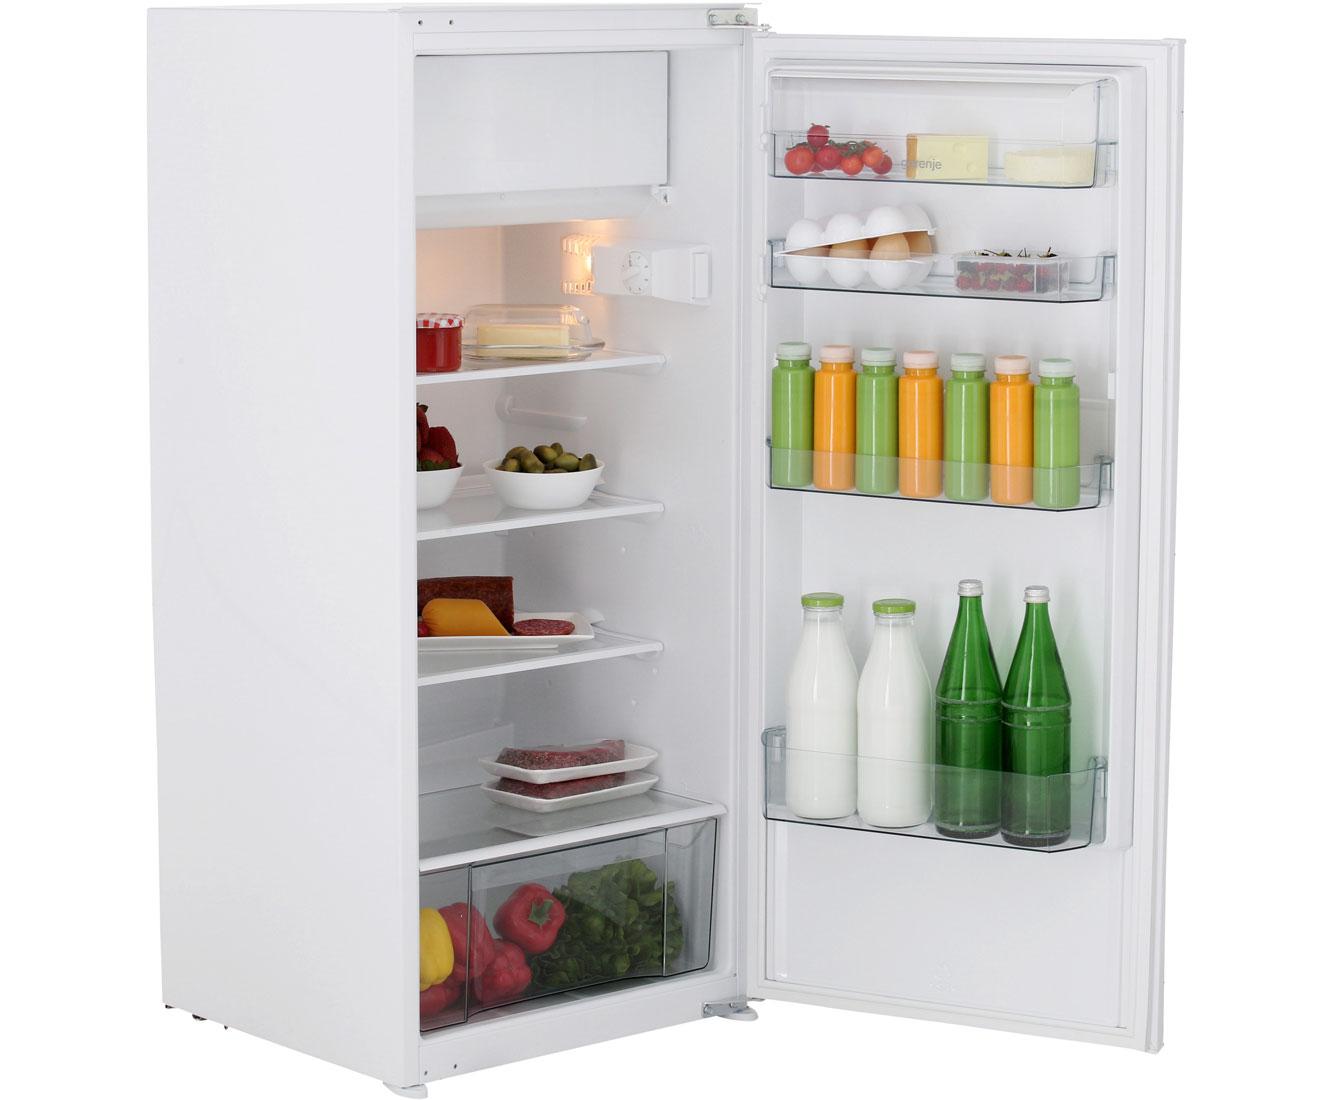 Side By Side Kühlschrank Flach : Gorenje kühlschrank retro alarm kühlschrank retro preisvergleich